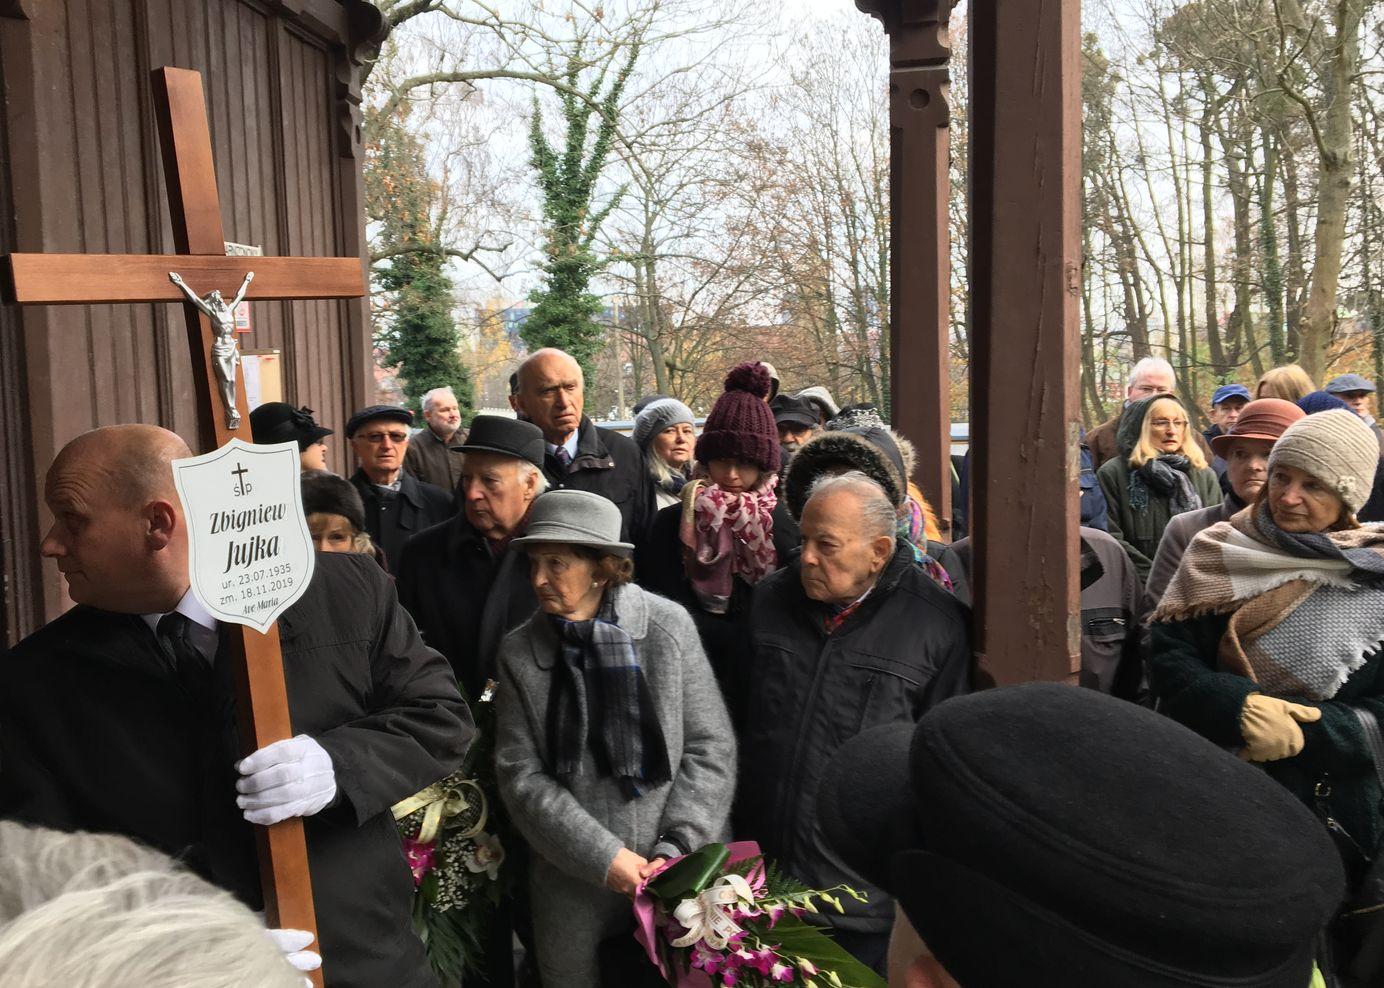 Pogrzeb Zbigniewa Jujki Fot_ Janusz Wikowski_IMG_5321